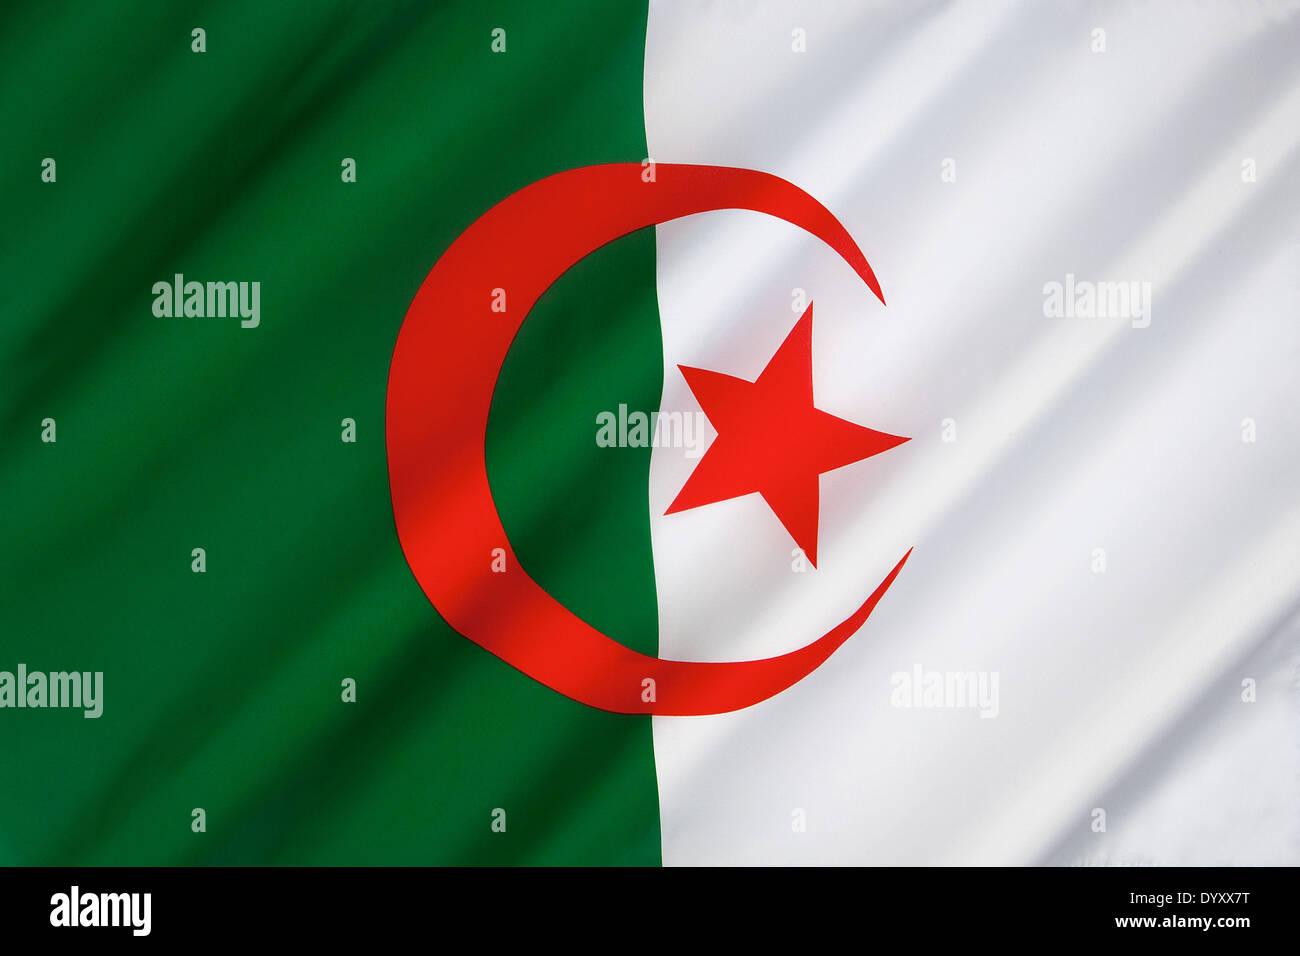 La bandera nacional de Argelia Imagen De Stock